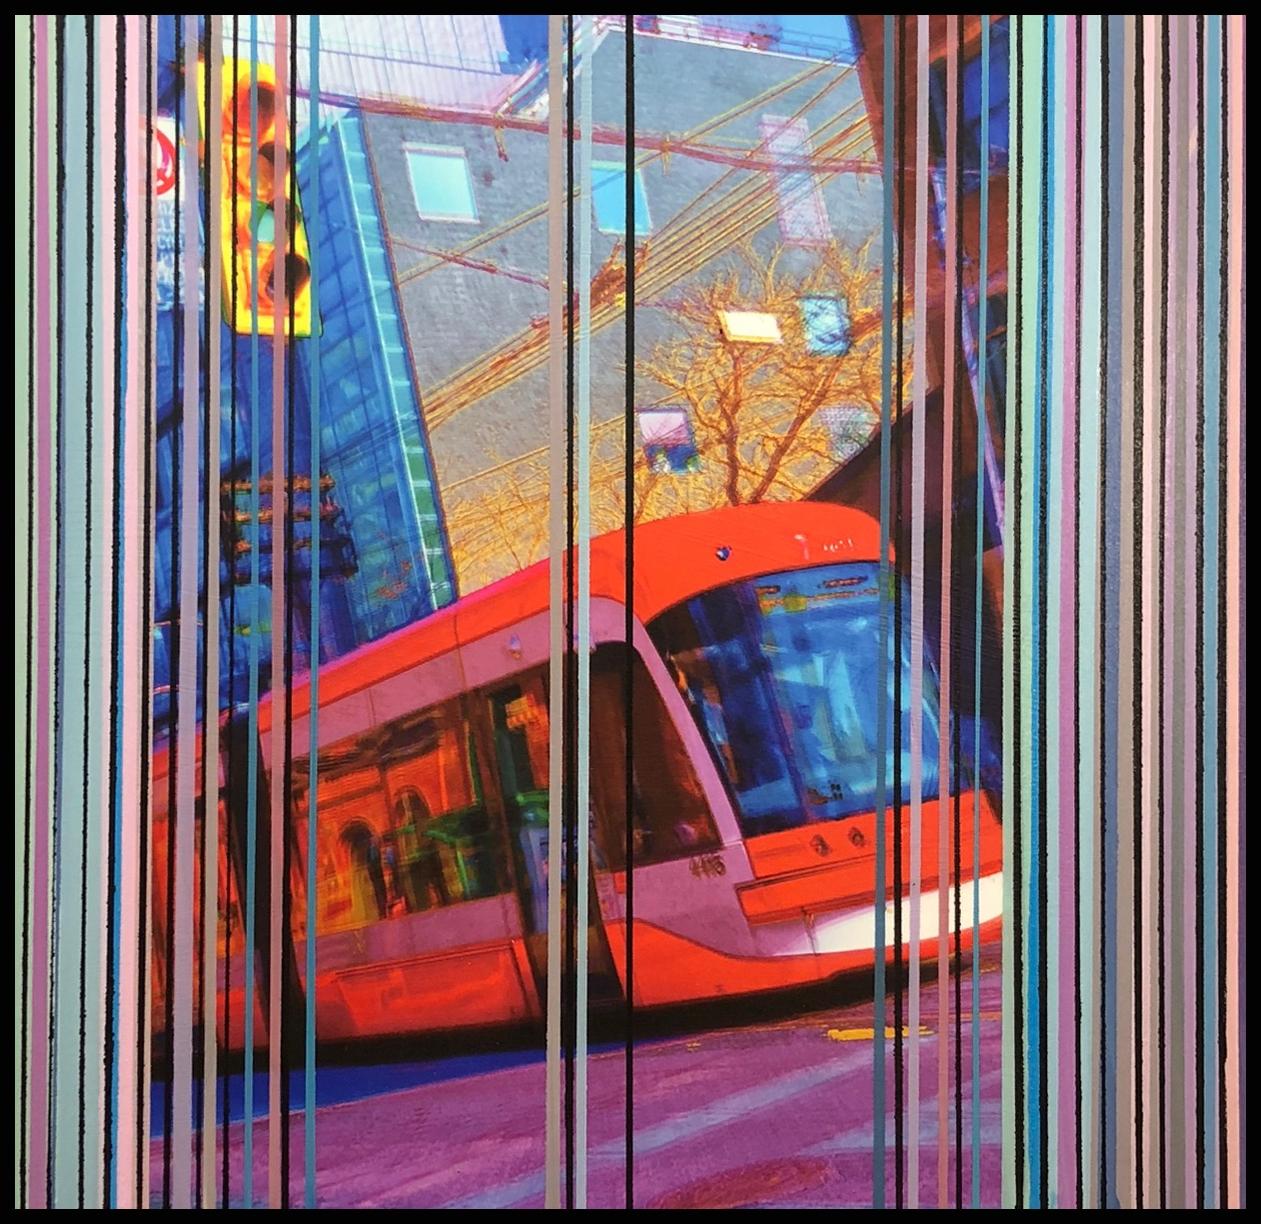 My City: 300 by Jamie MacRae